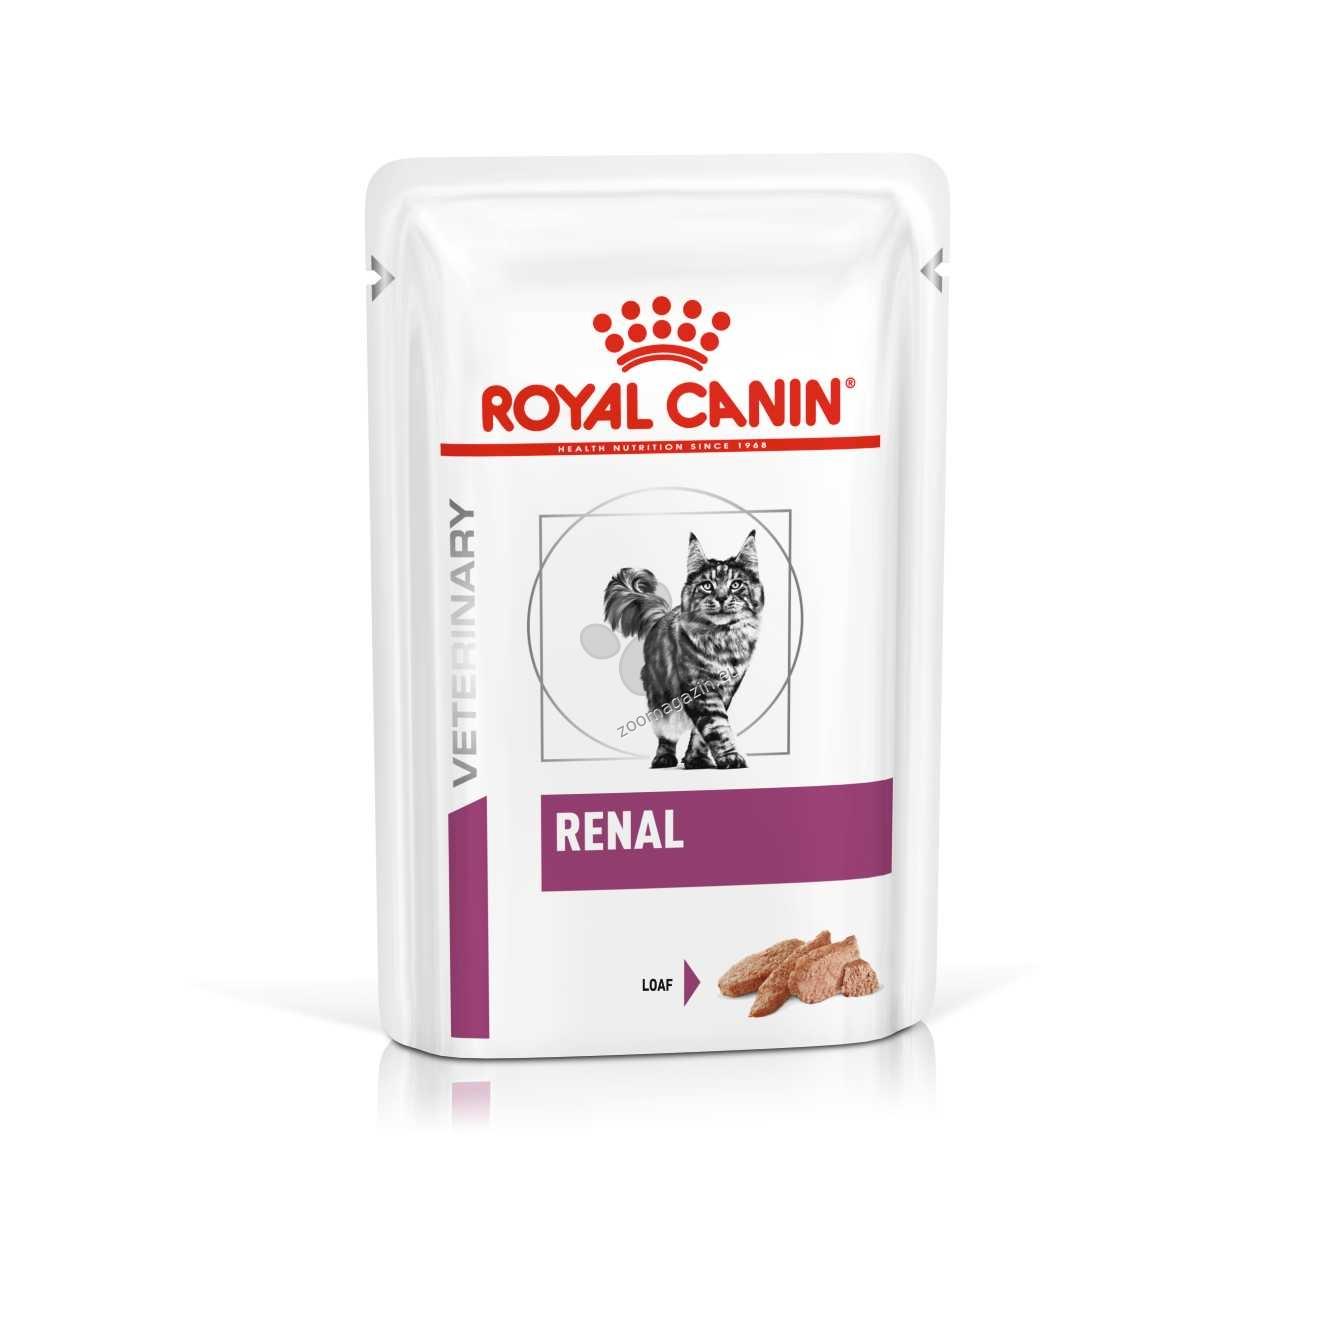 Royal Canin Renal Loaf Cat - храна за котки със стадий 2 до 4 на хронична бъбречна недостатъчност 85 гр.